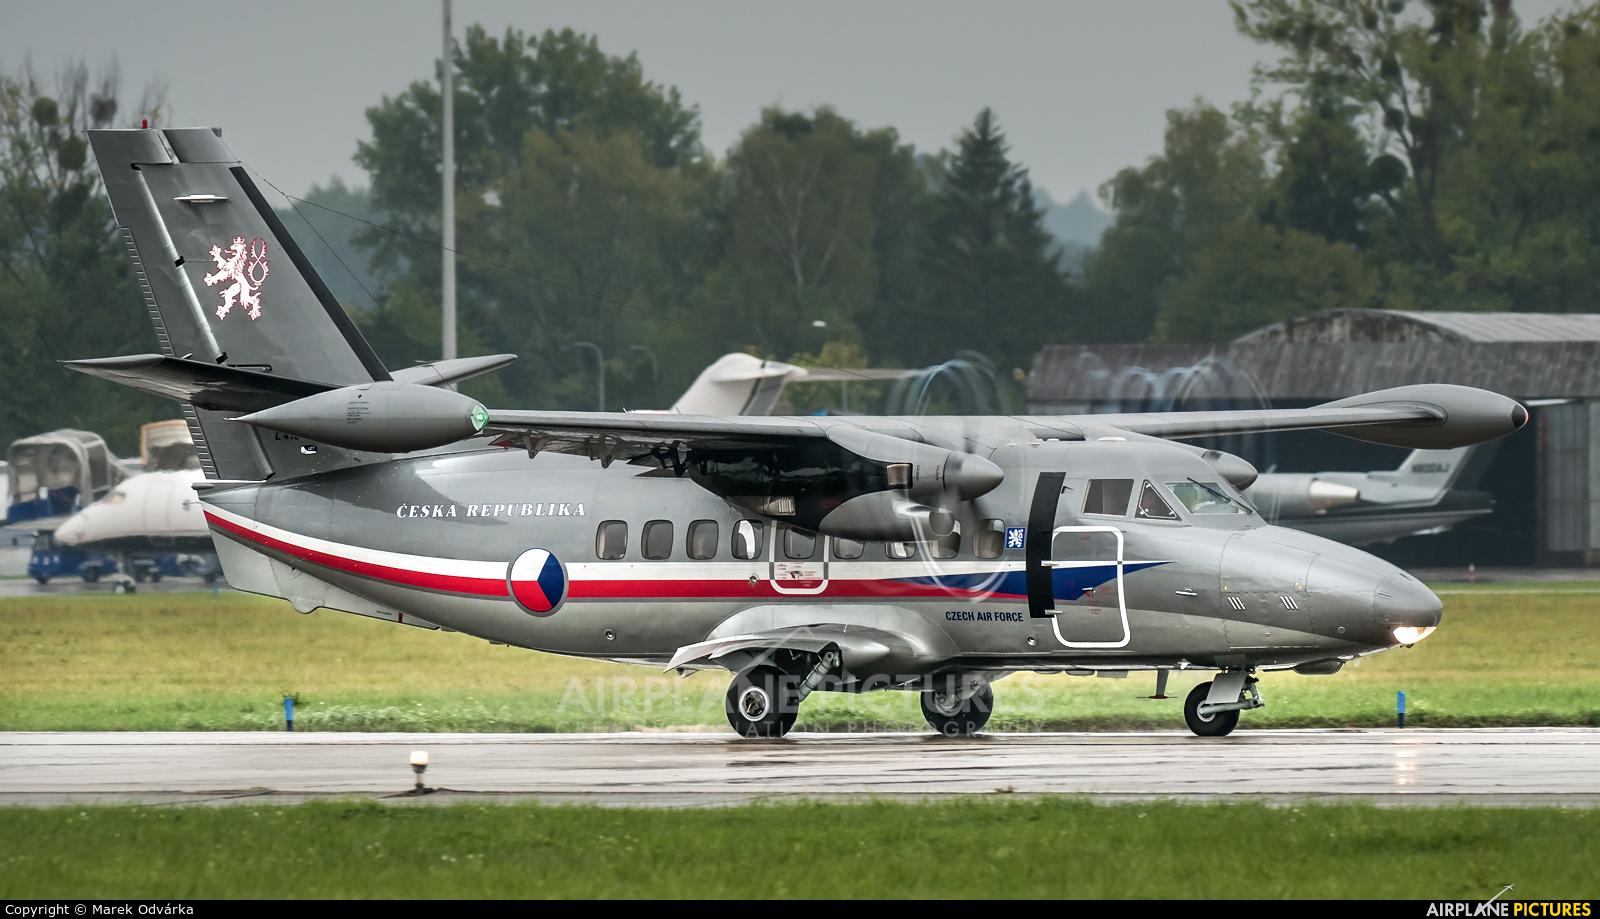 Czech - Air Force 2601 aircraft at Ostrava Mošnov